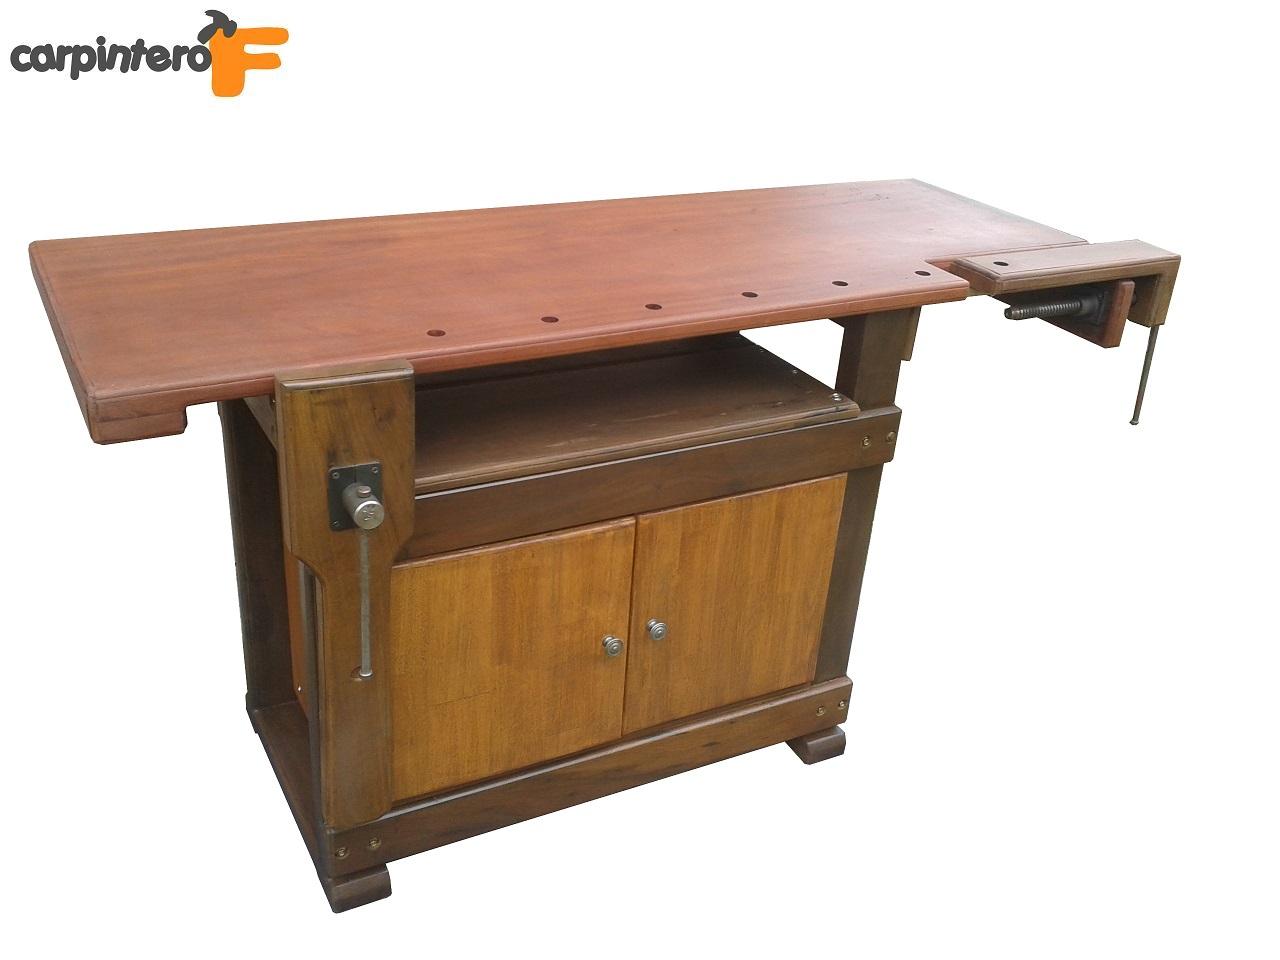 Banco de carpintero con doble prensa y cajon de for Mesa de carpintero